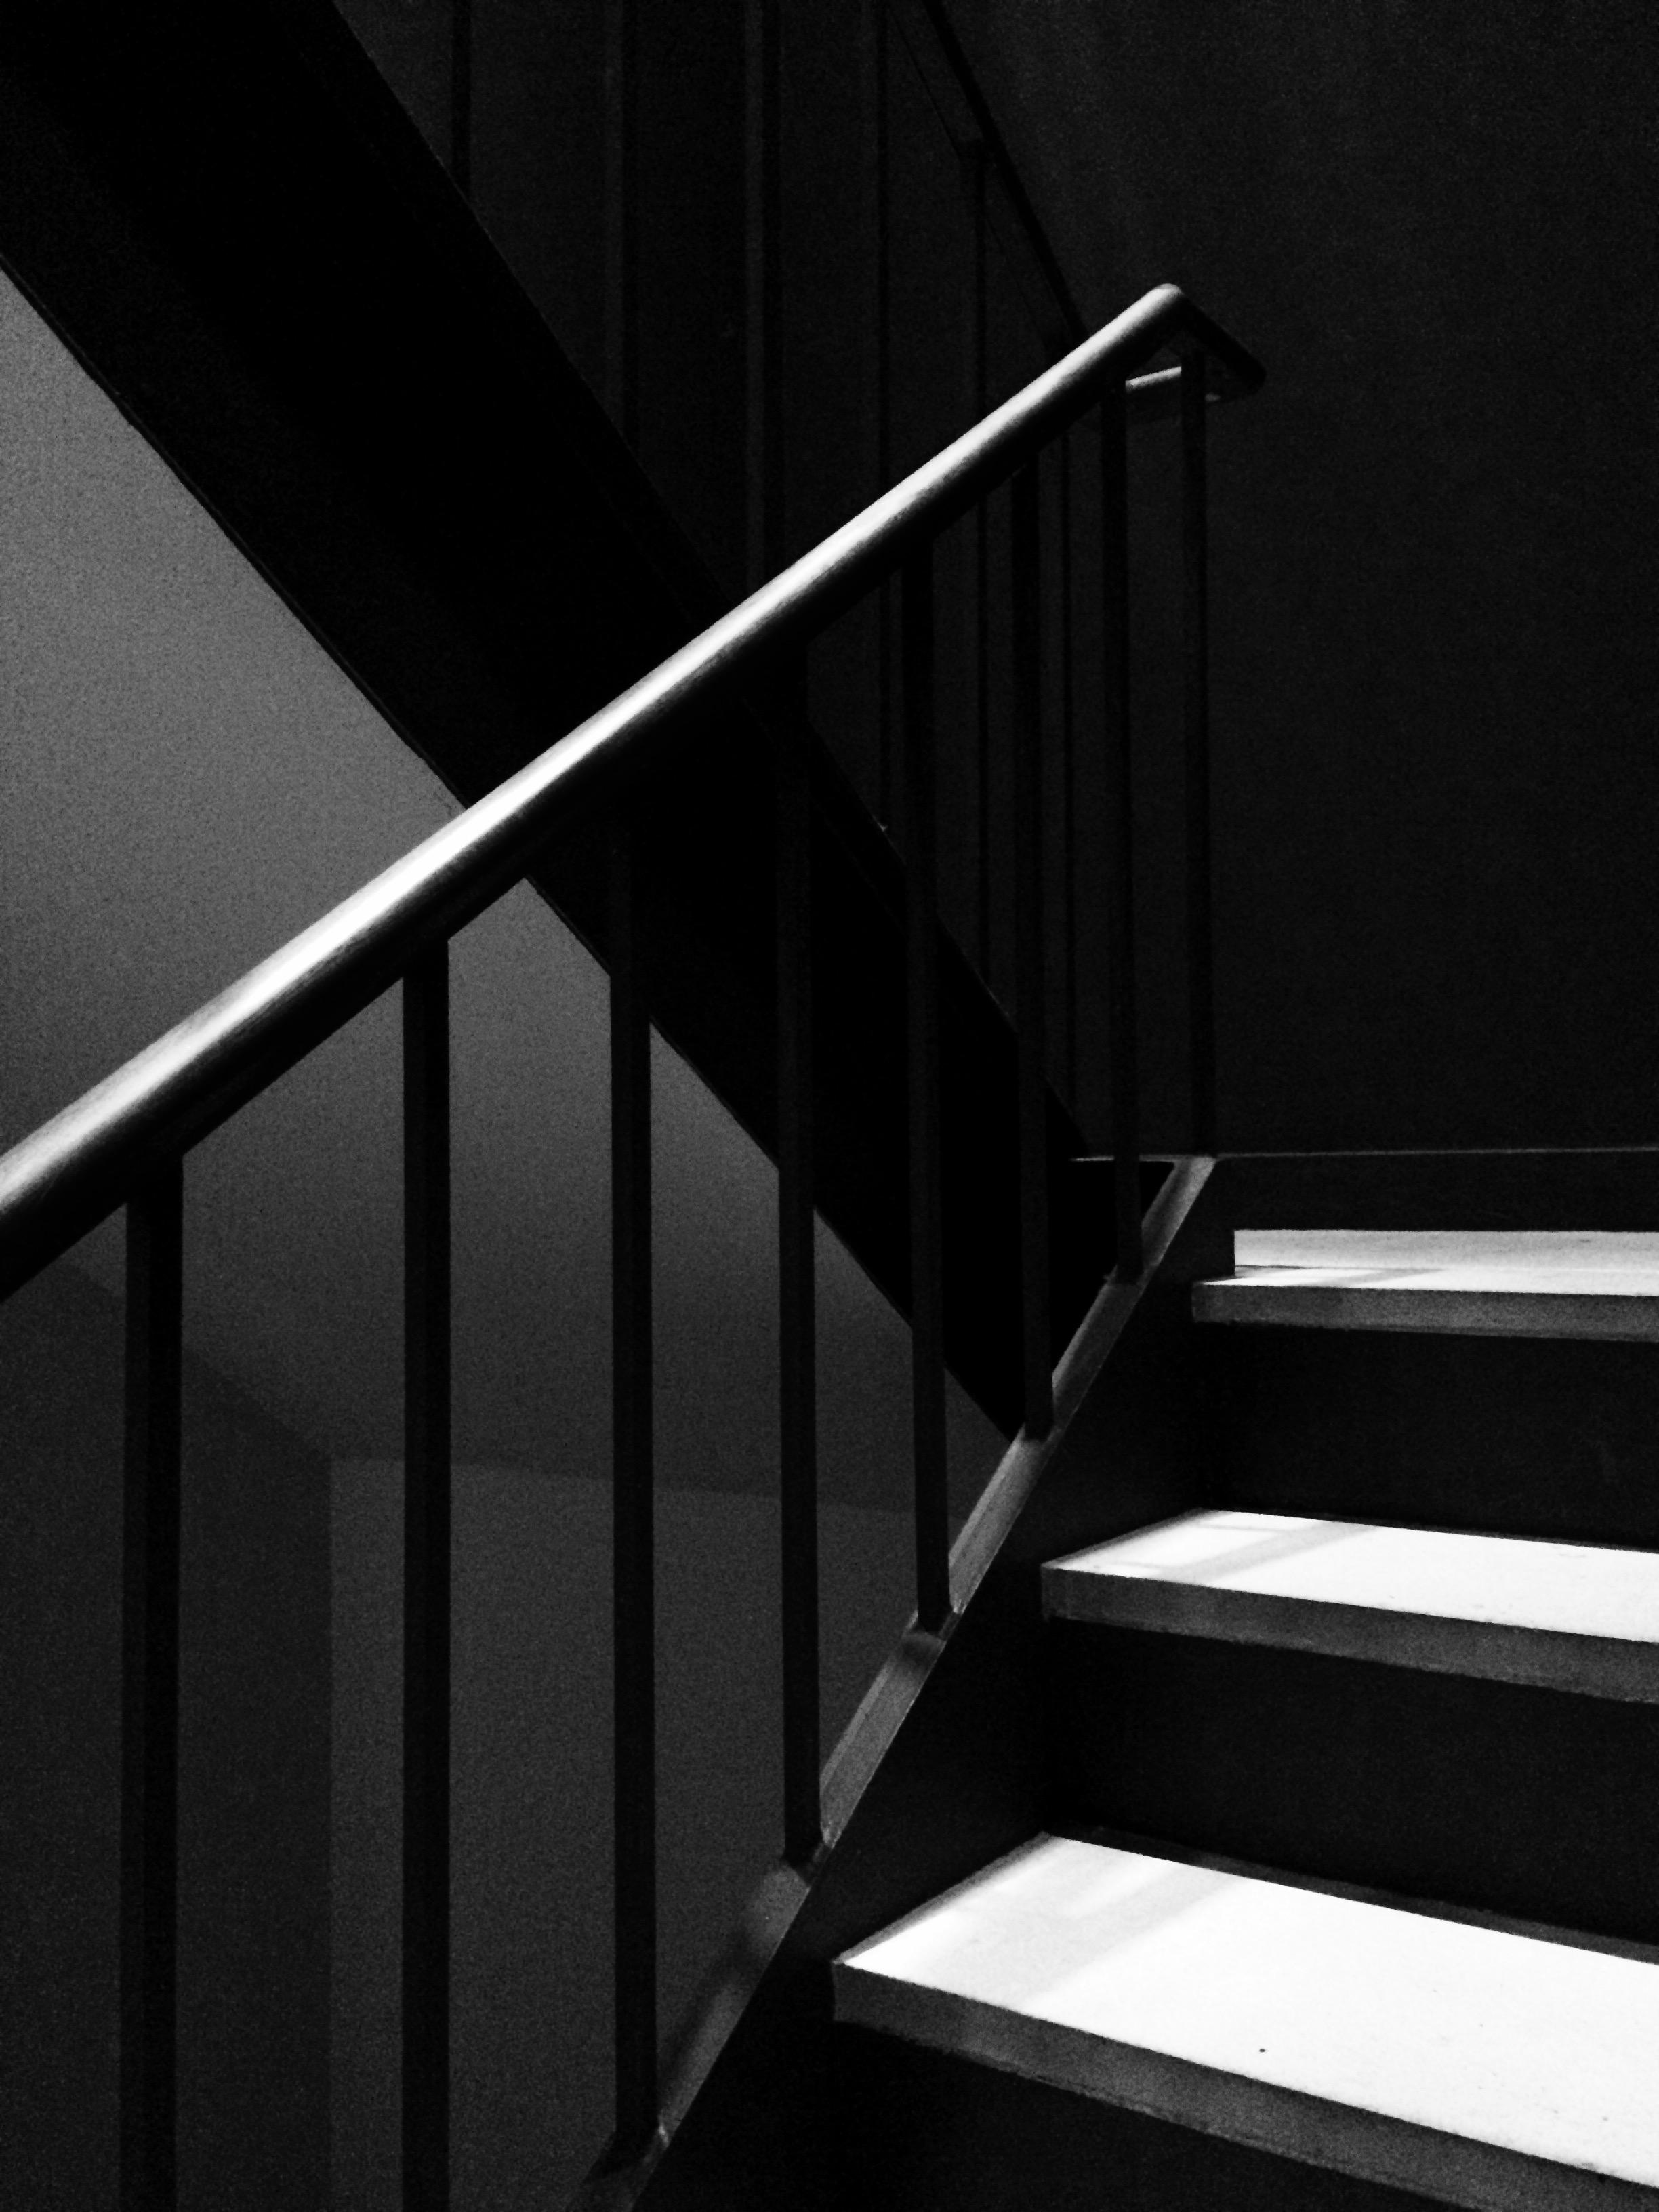 Met Stairs